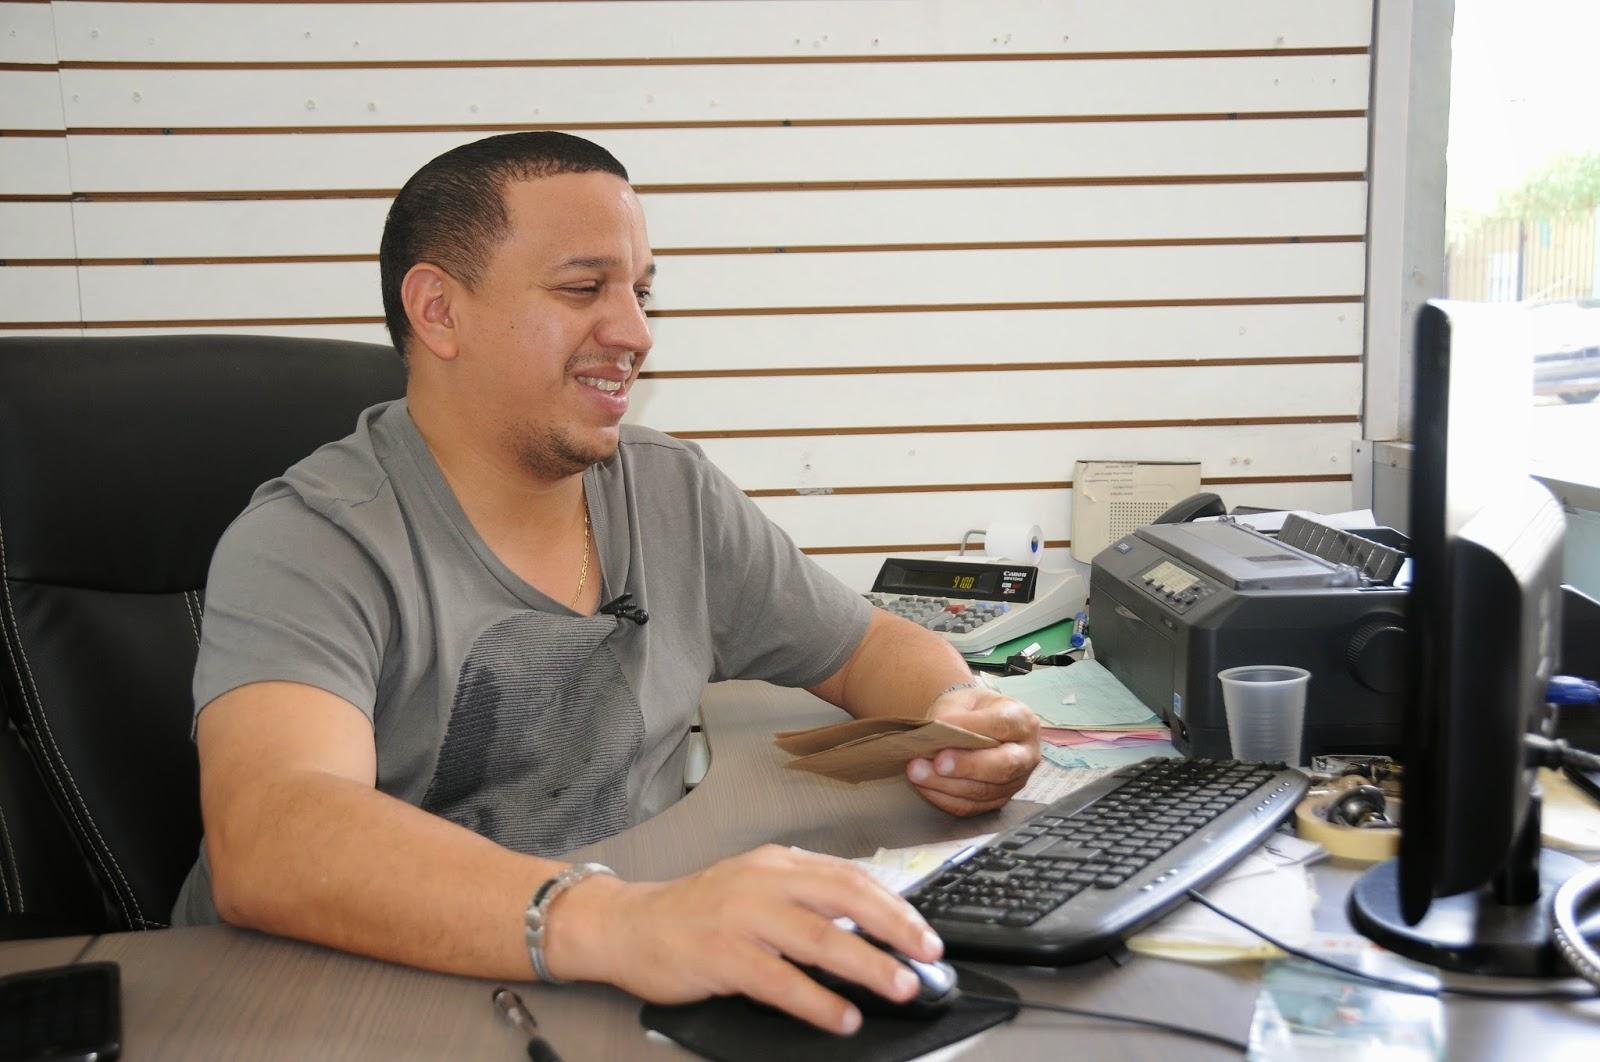 La ferretería de Fabio ha crecido con la construcción de escuelas en su provincia